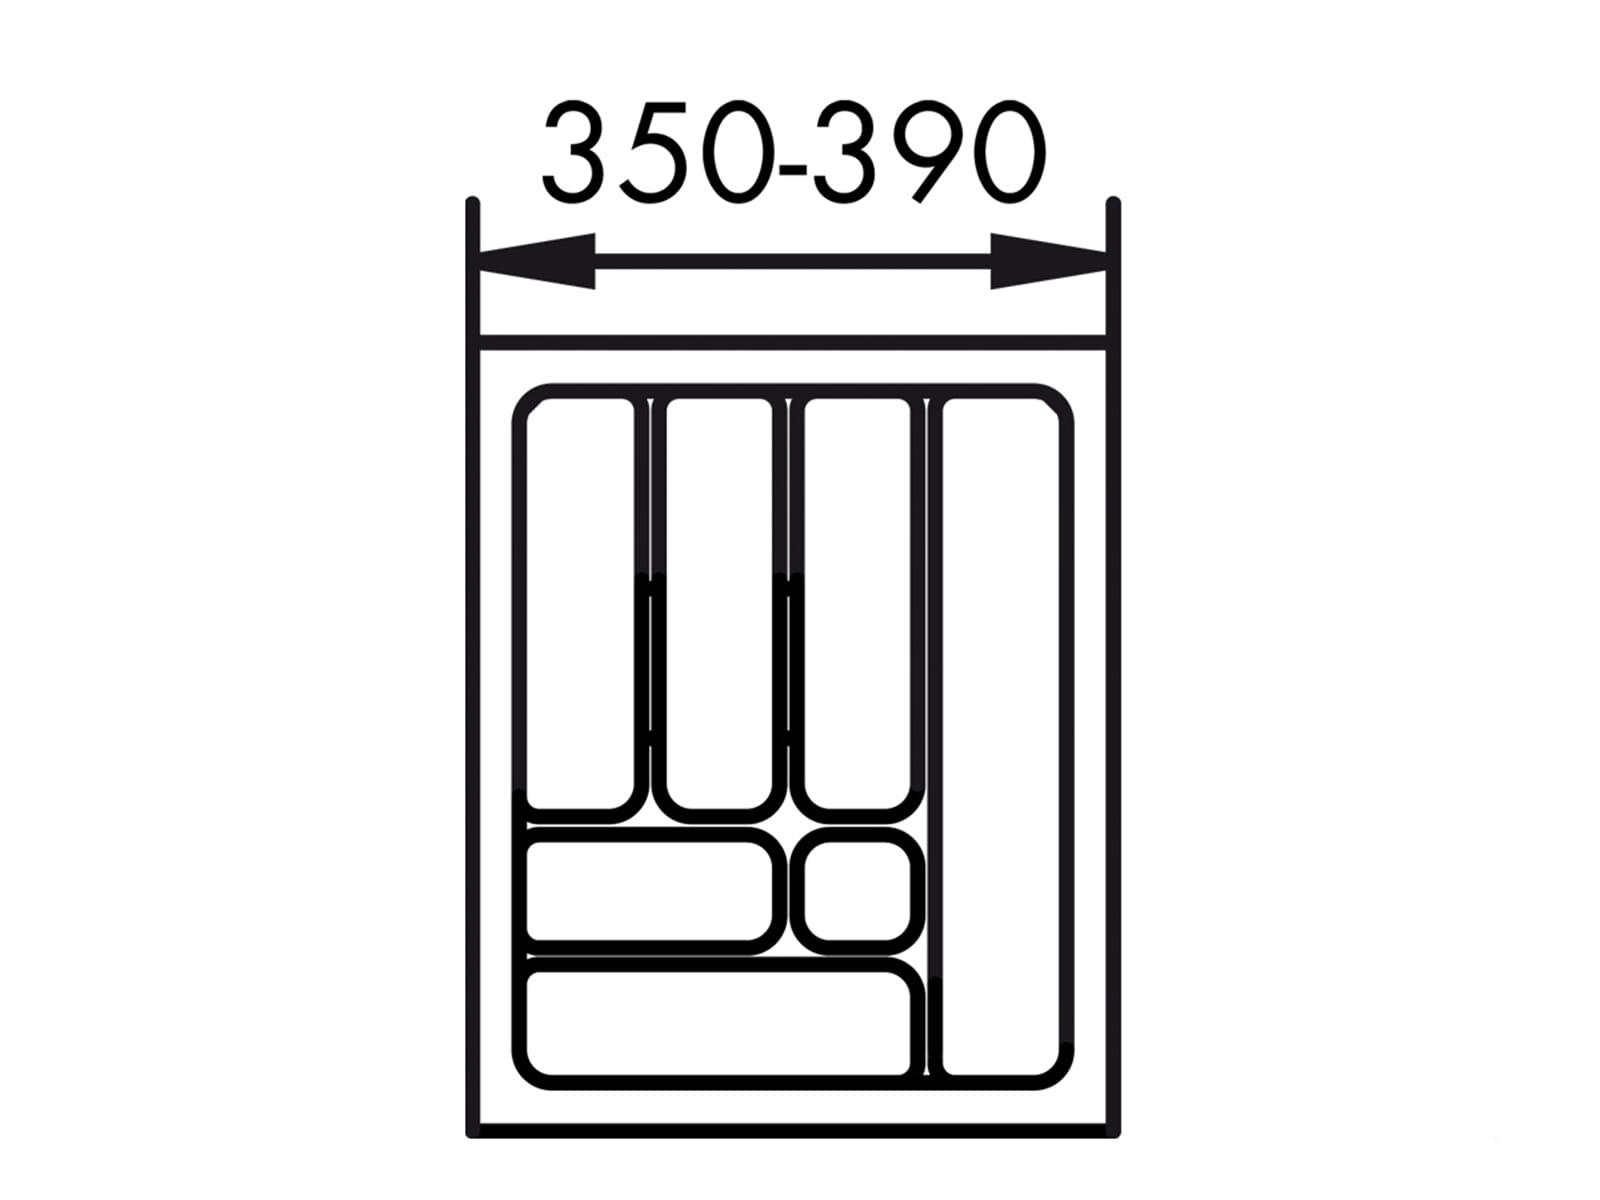 Naber 803.4.126 Besteckeinsatz 1 45er Breite